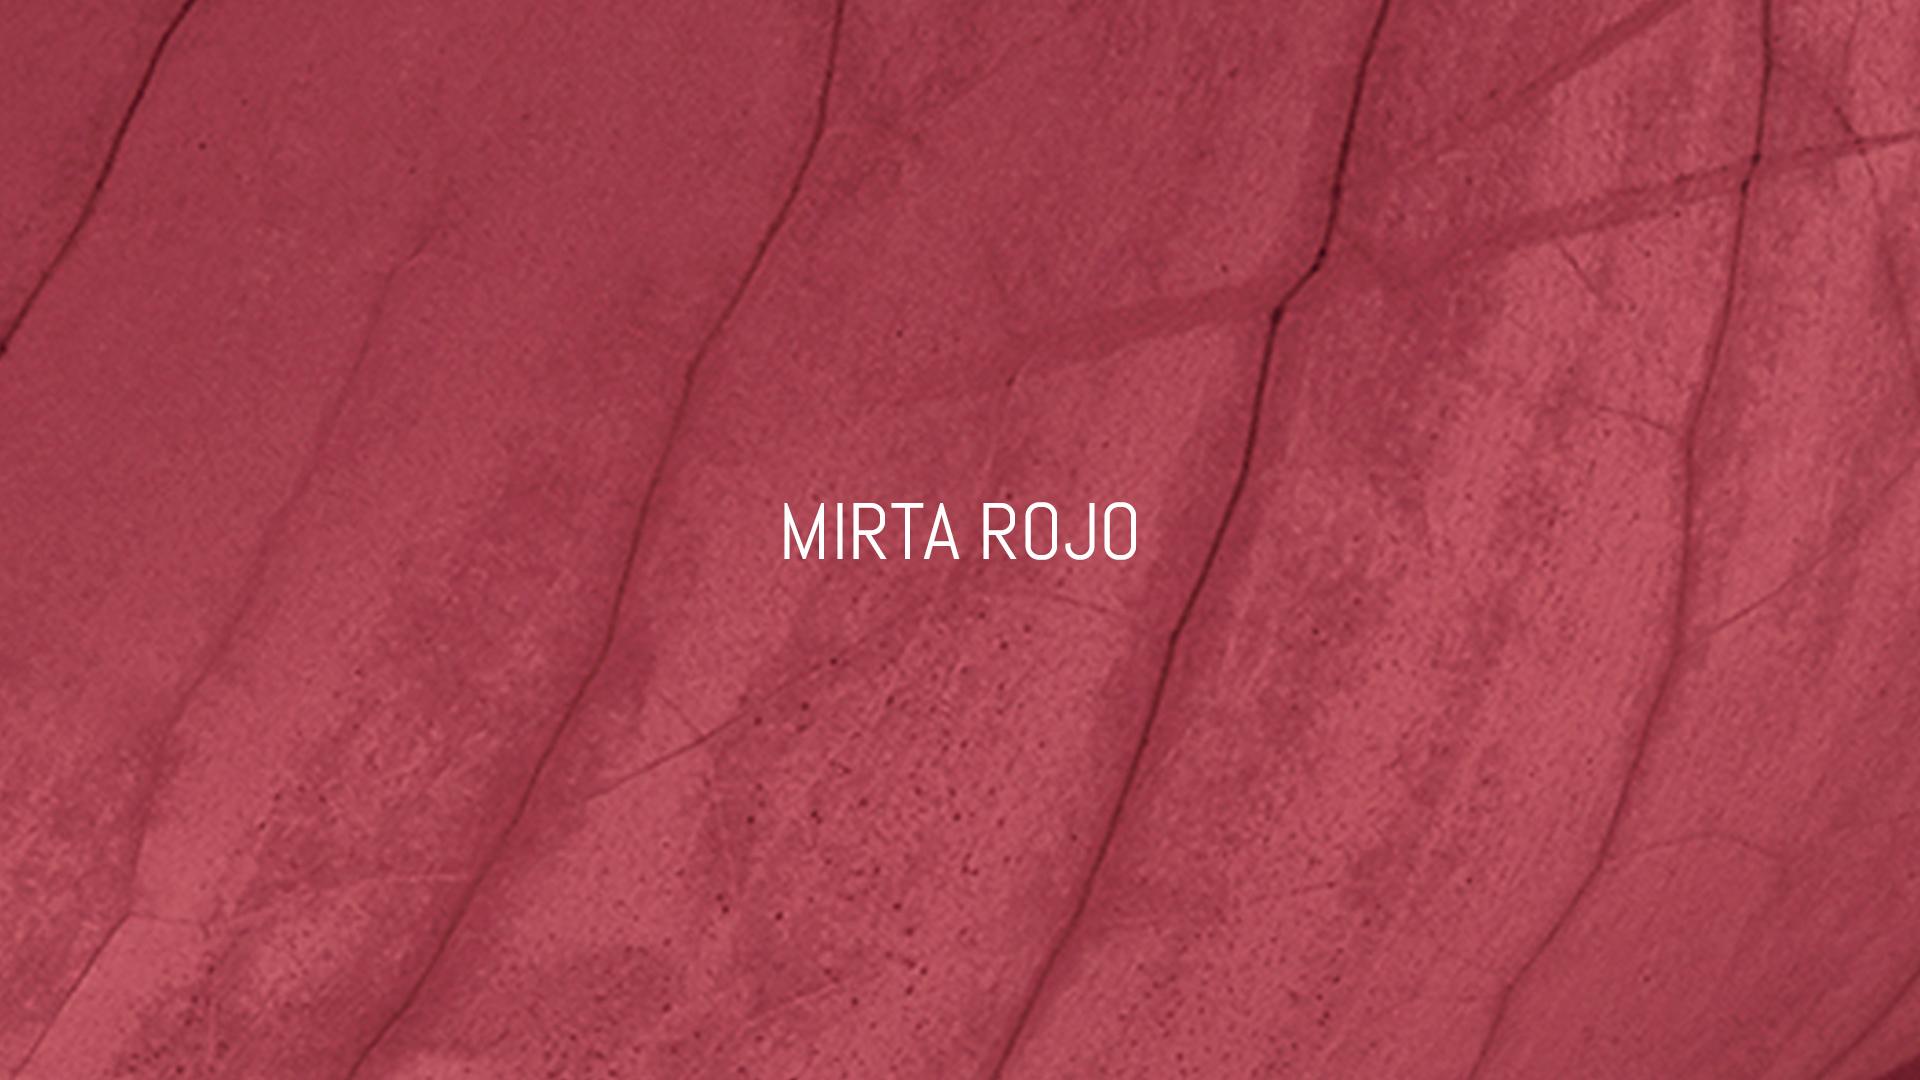 Mirta Rojo, web hecha por murciegalo en 2019